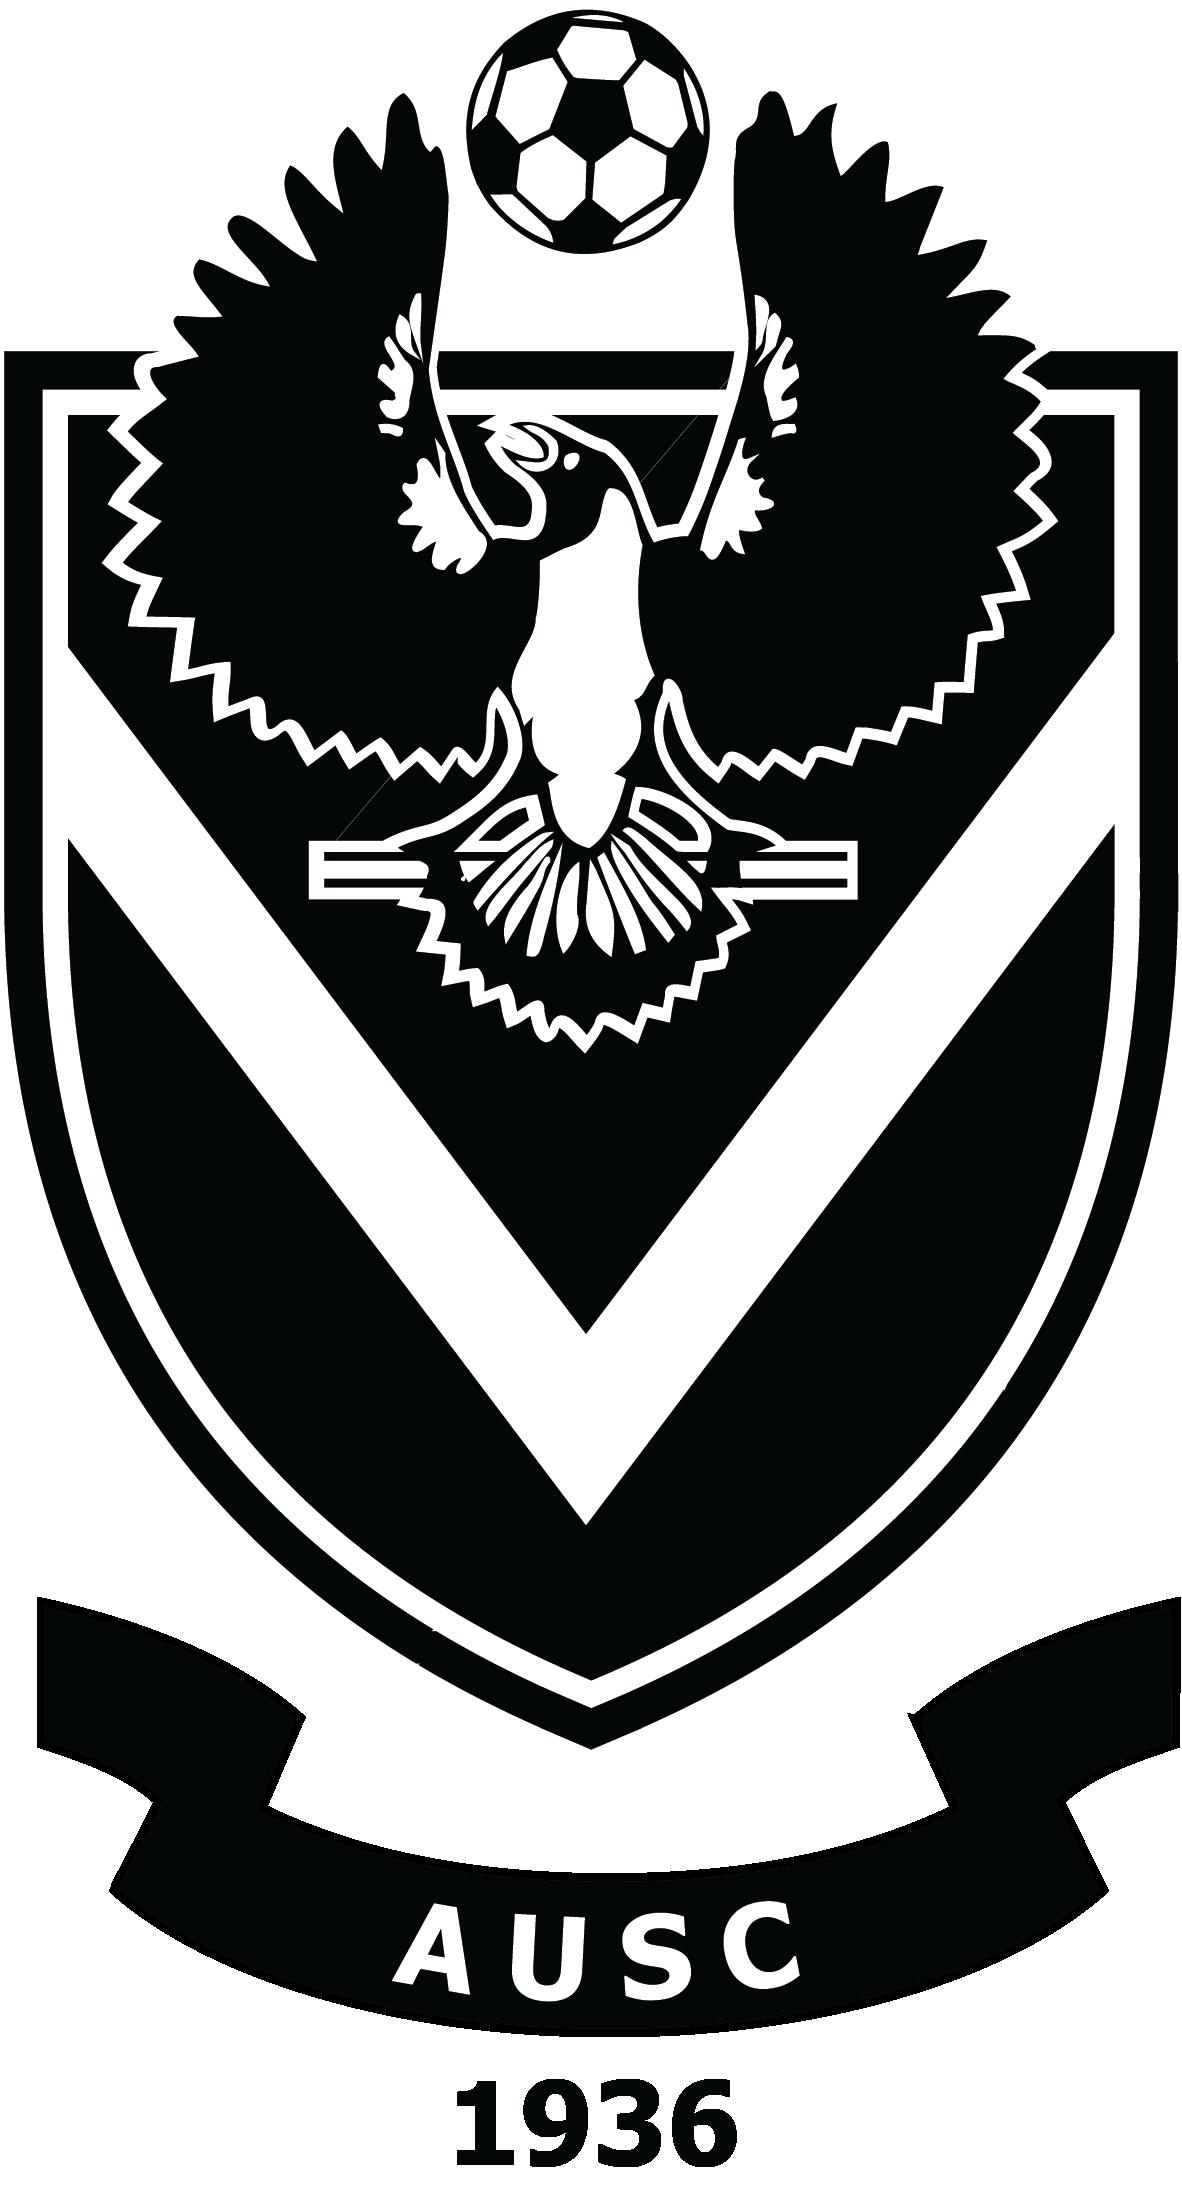 AUSC Club logo